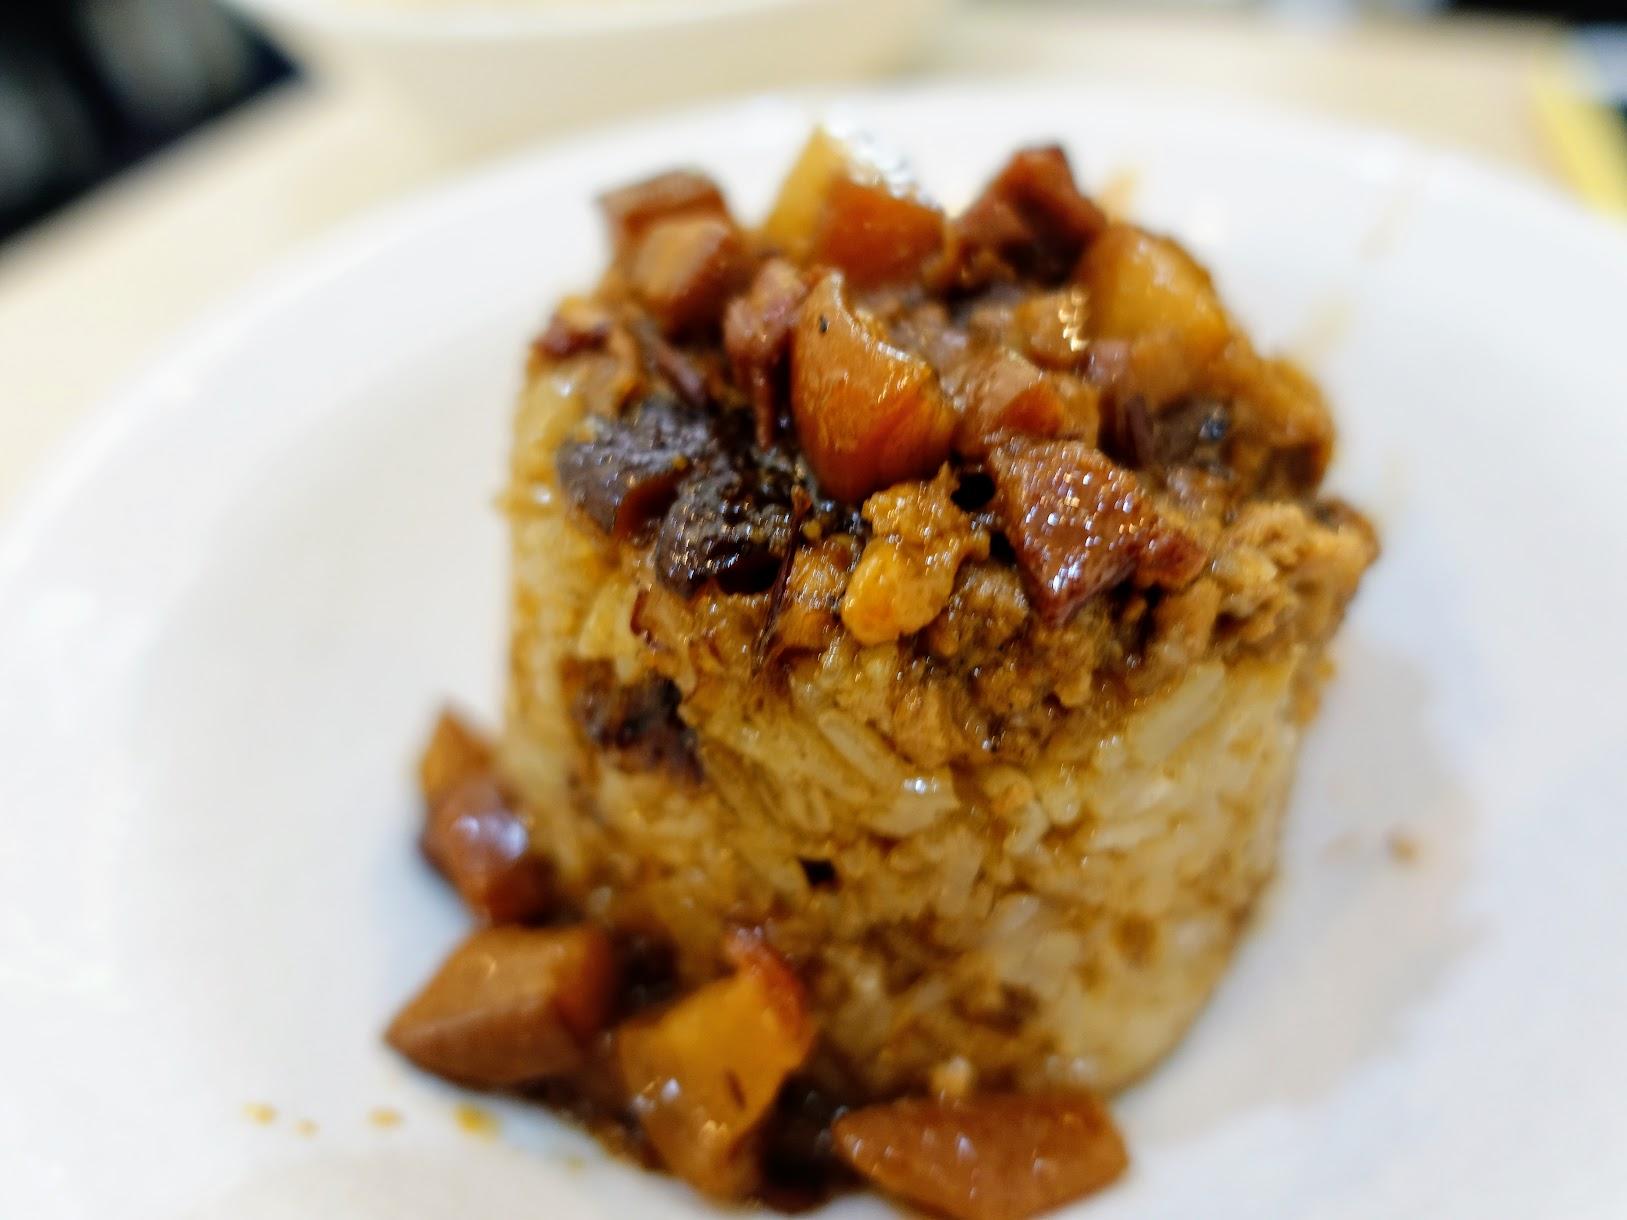 米糕,上面有許多肉燥,旁邊還有肉鬆